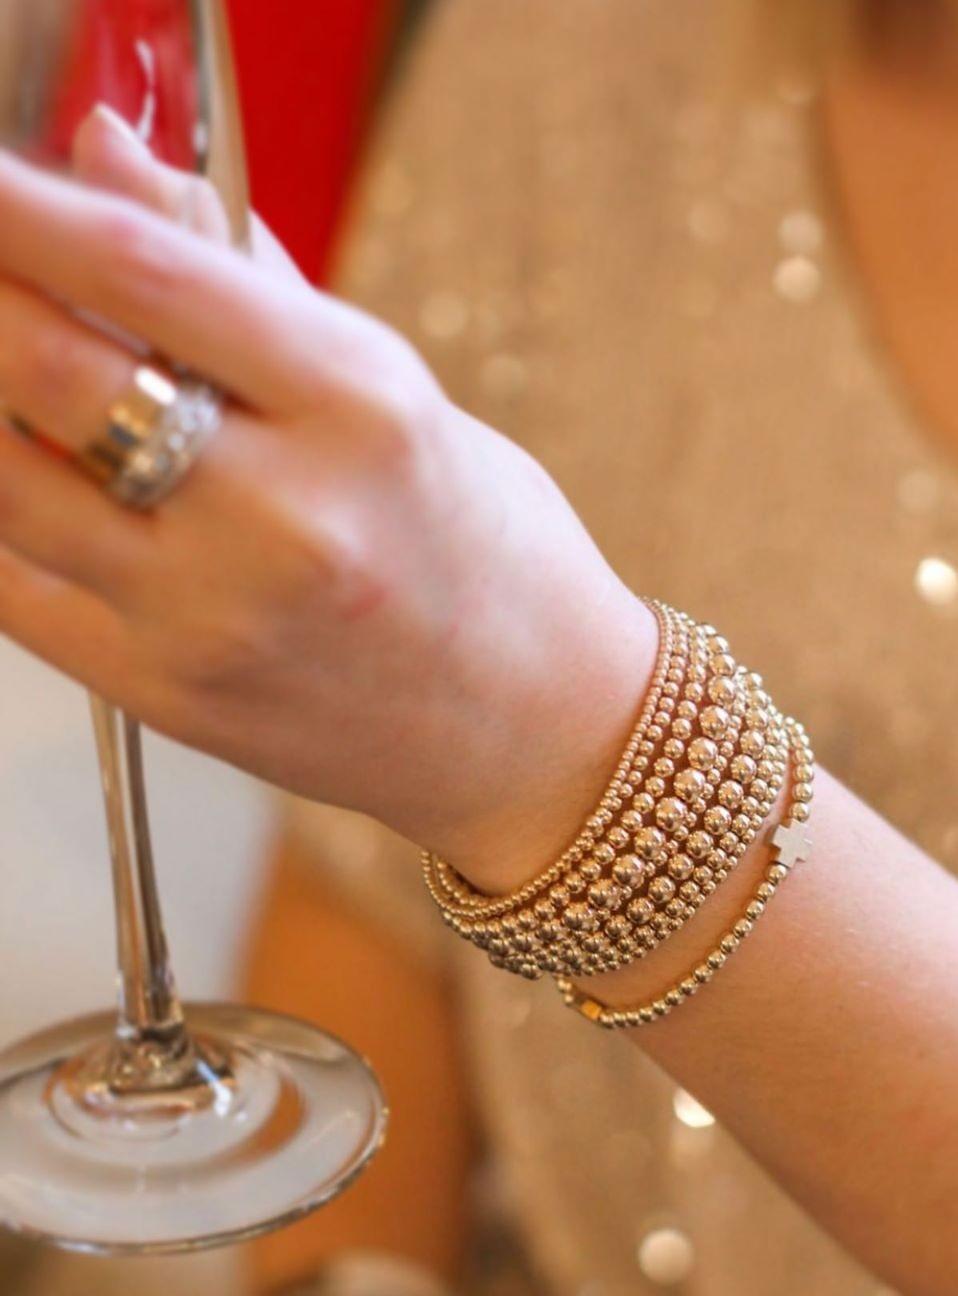 E Newton 14K gold filled beaded bracelets